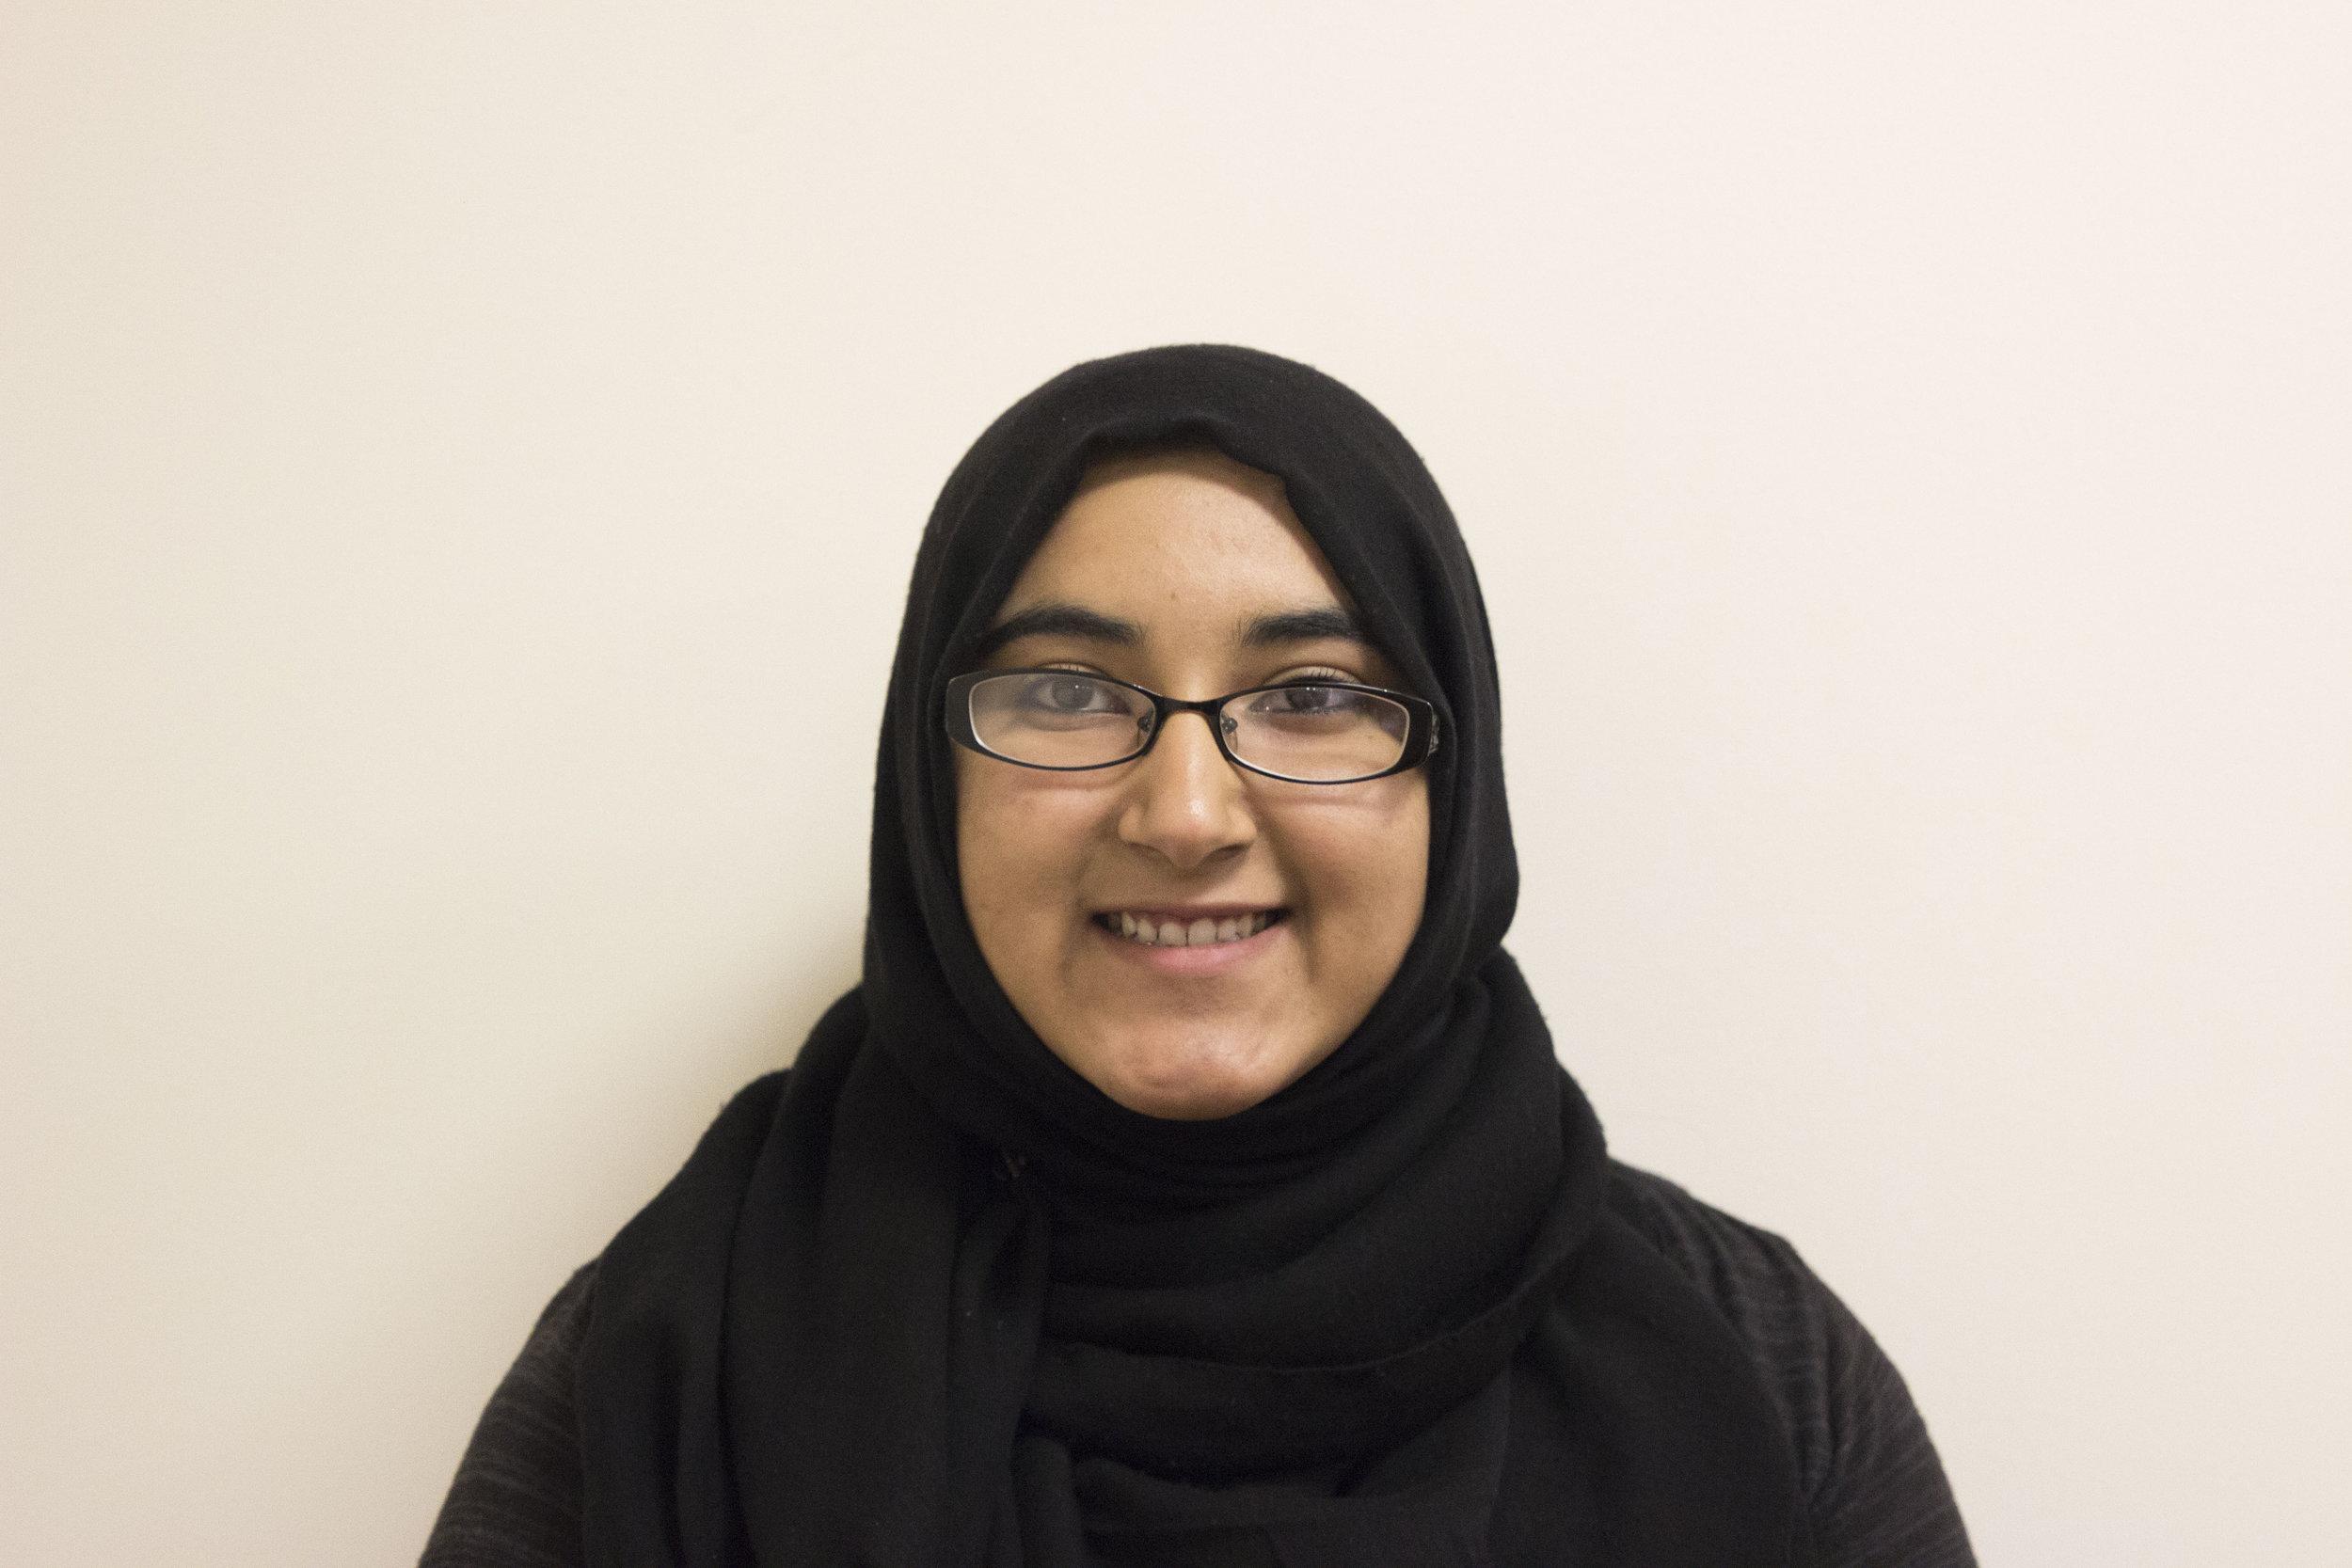 abeera naeem - REGISTRATION COORDINATOR